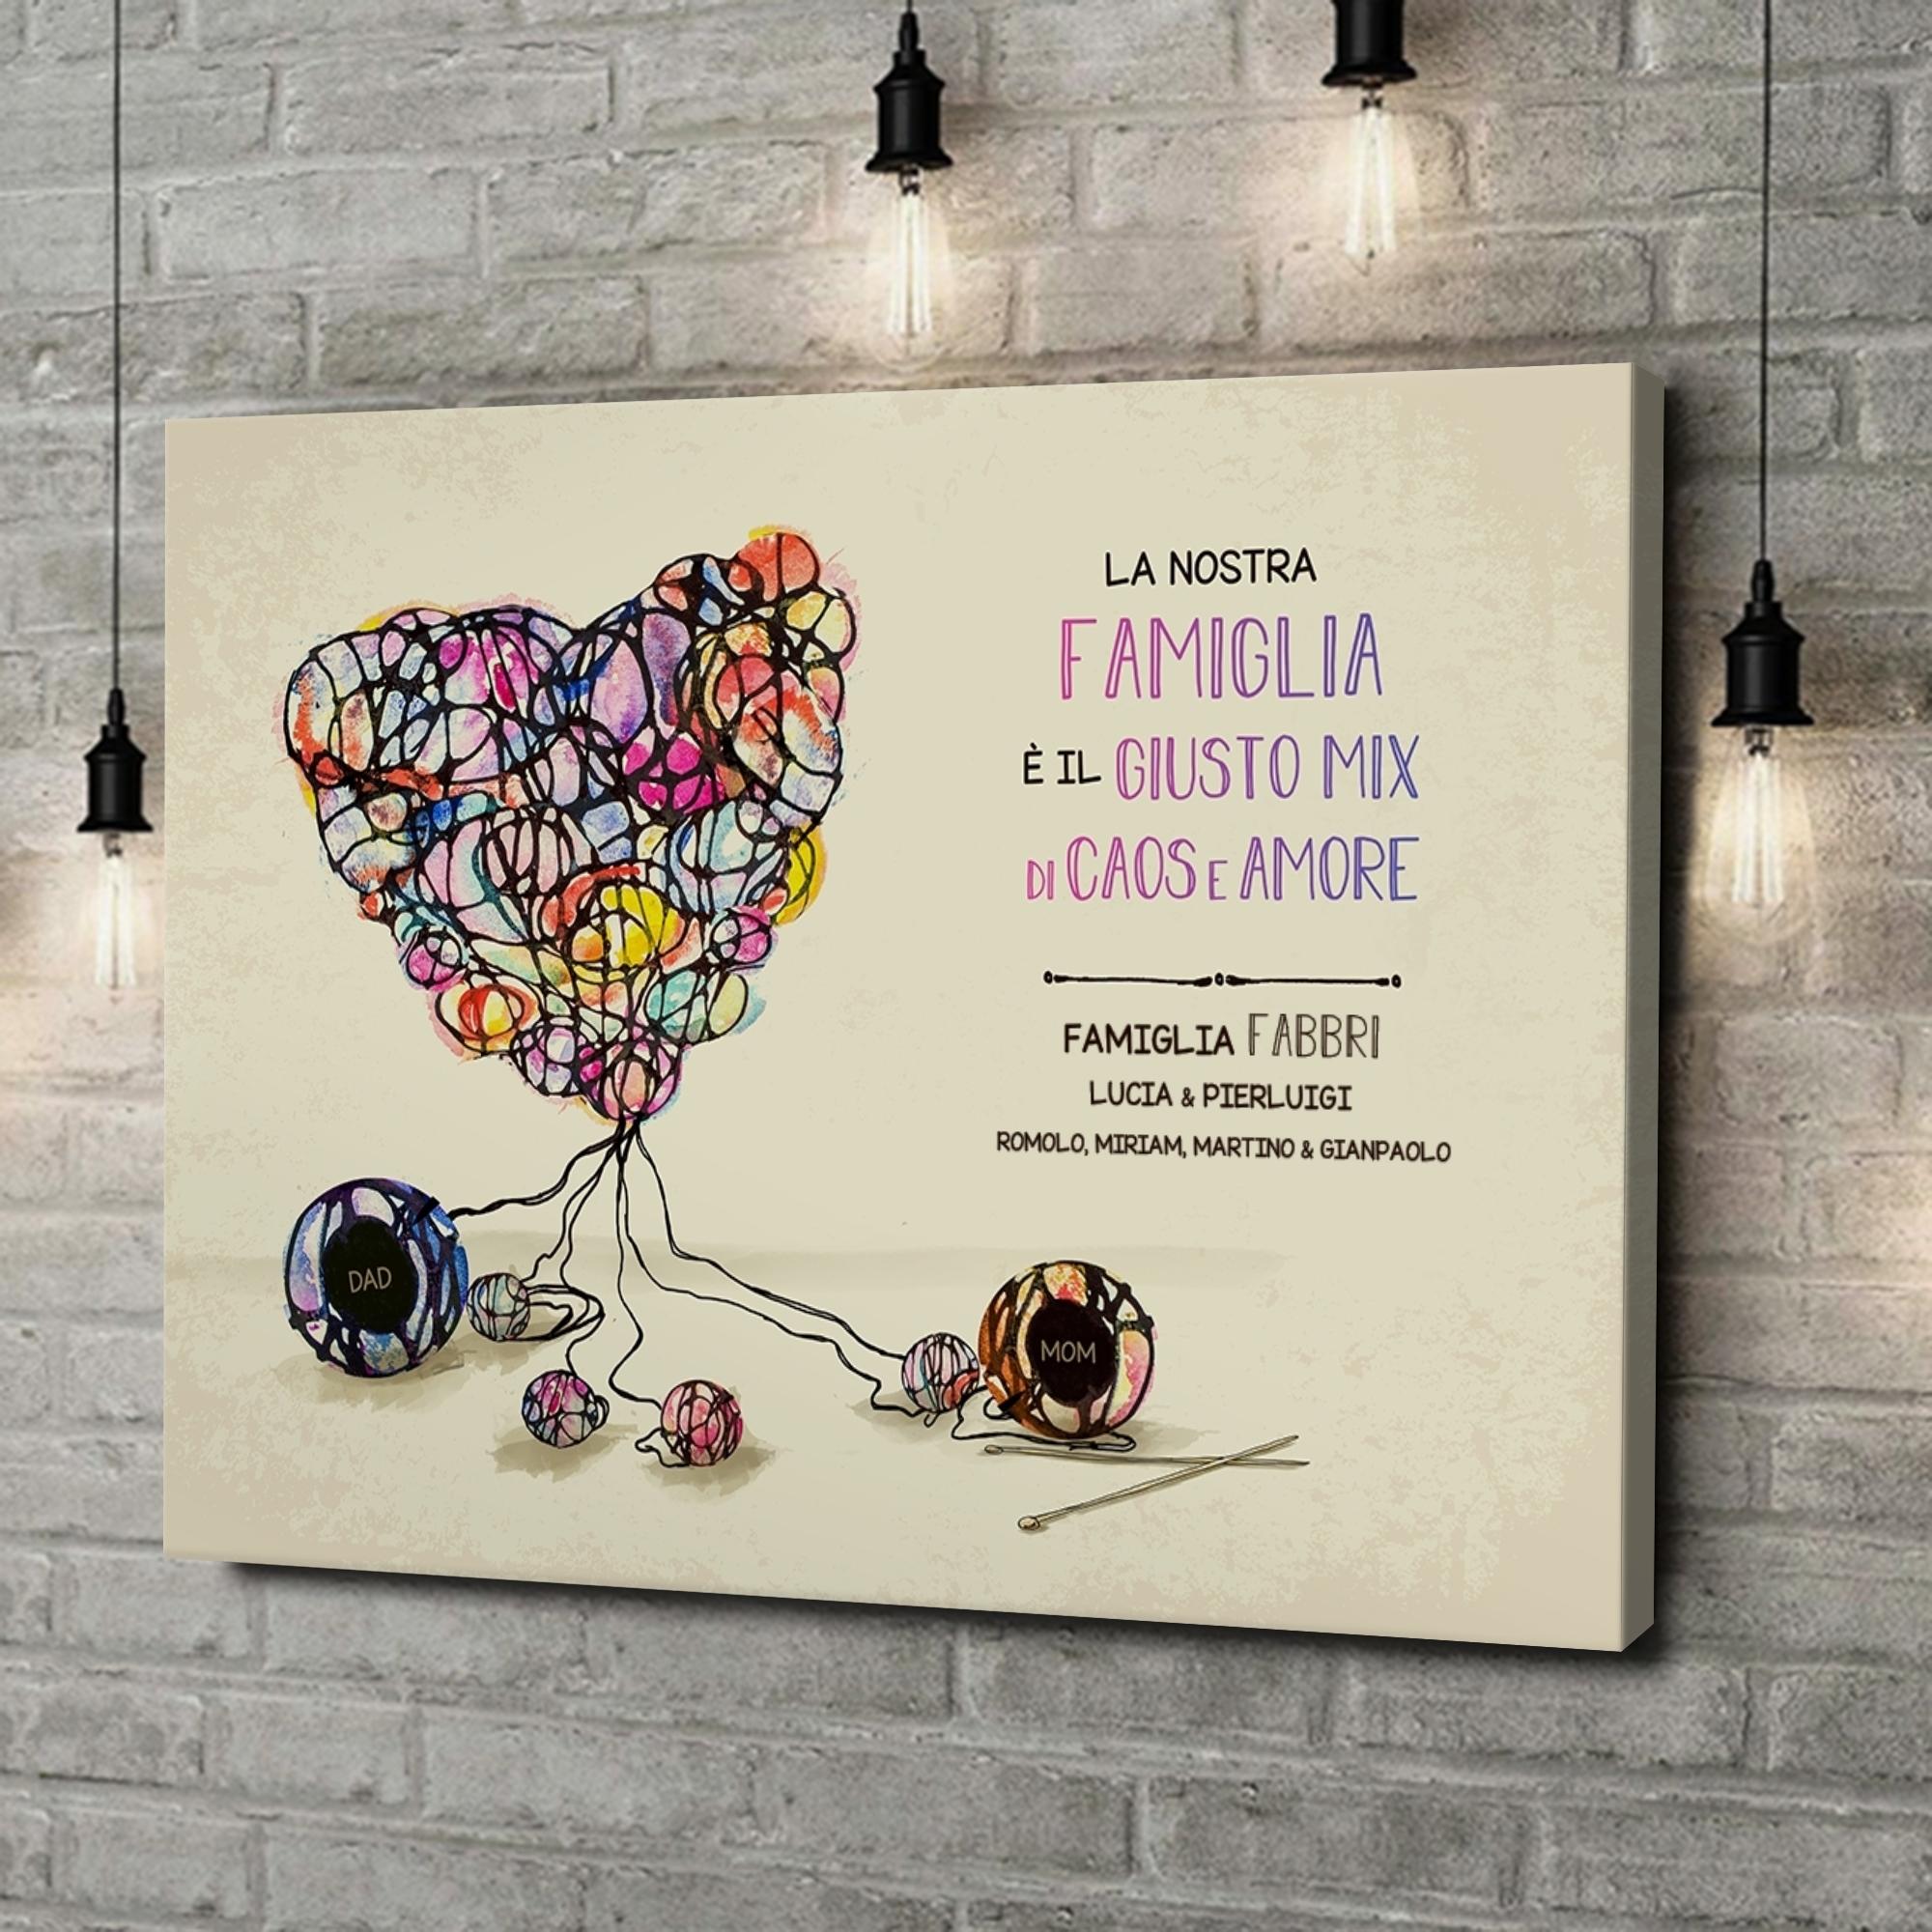 Stampa personalizzata su tela Lana d'amore